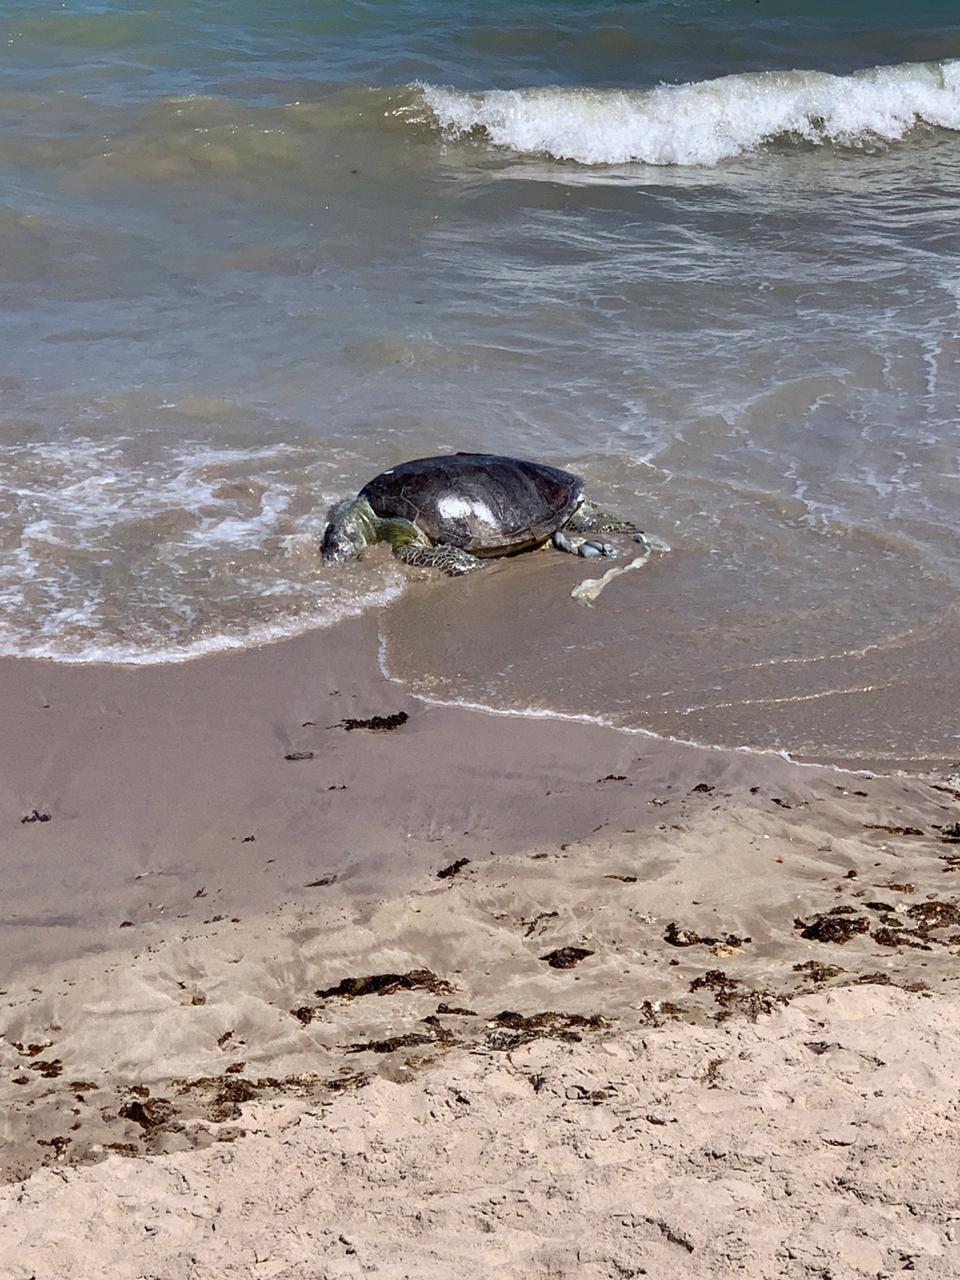 tartaruga - Tartaruga marinha é encontrada morta em praia da grande João Pessoa e preocupa ambientalistas